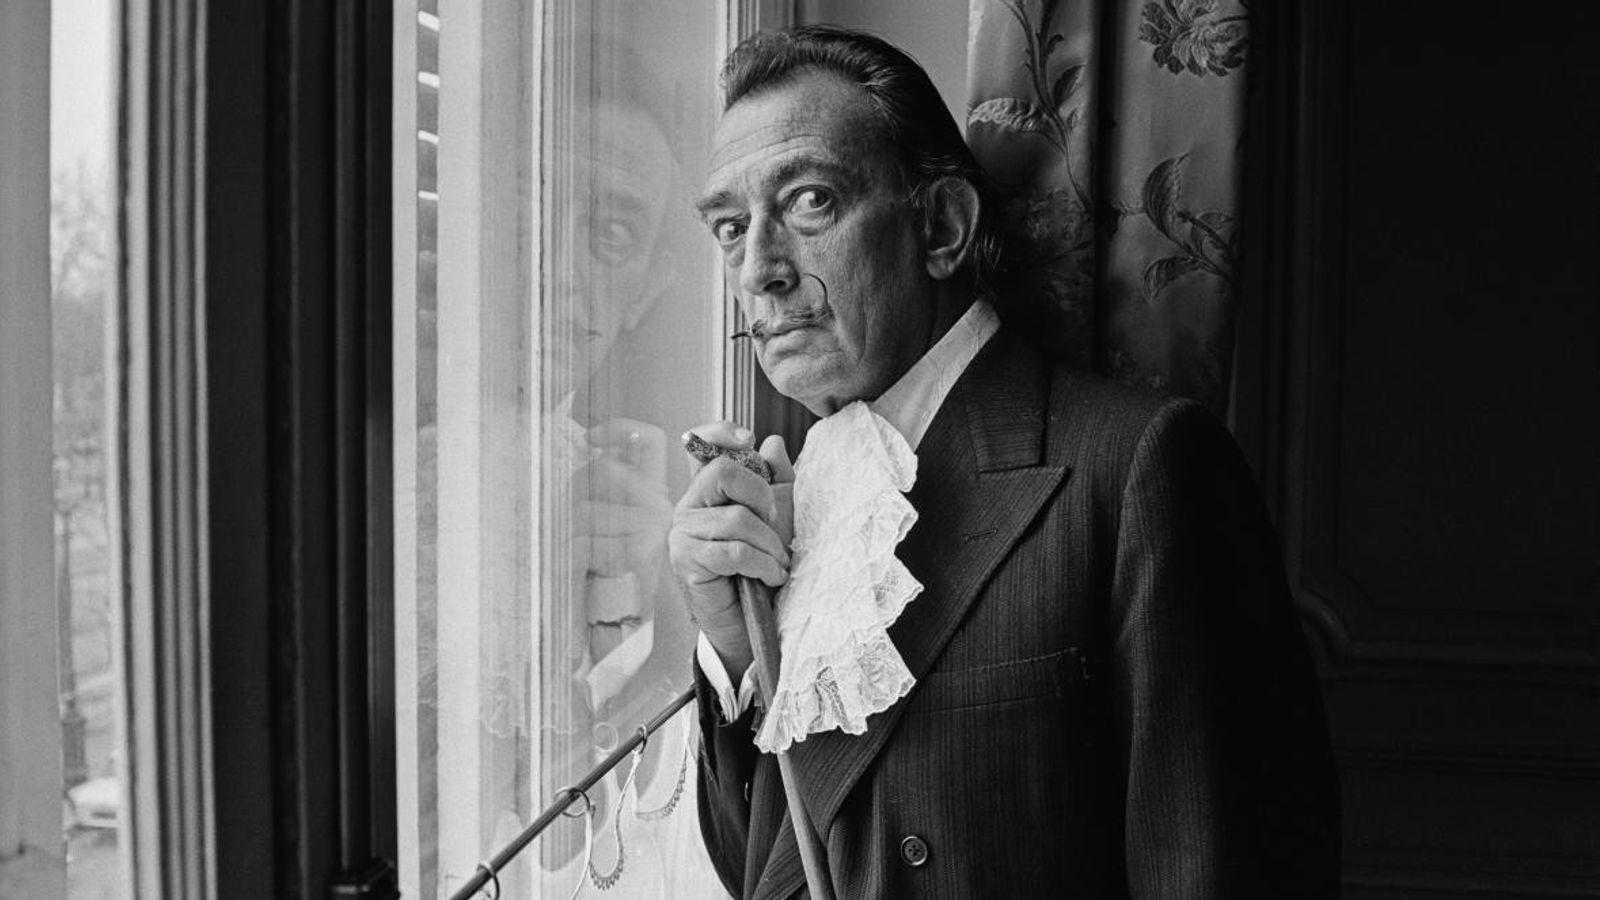 Le peintre surréaliste Salvador Dalí pose en décembre 1964.